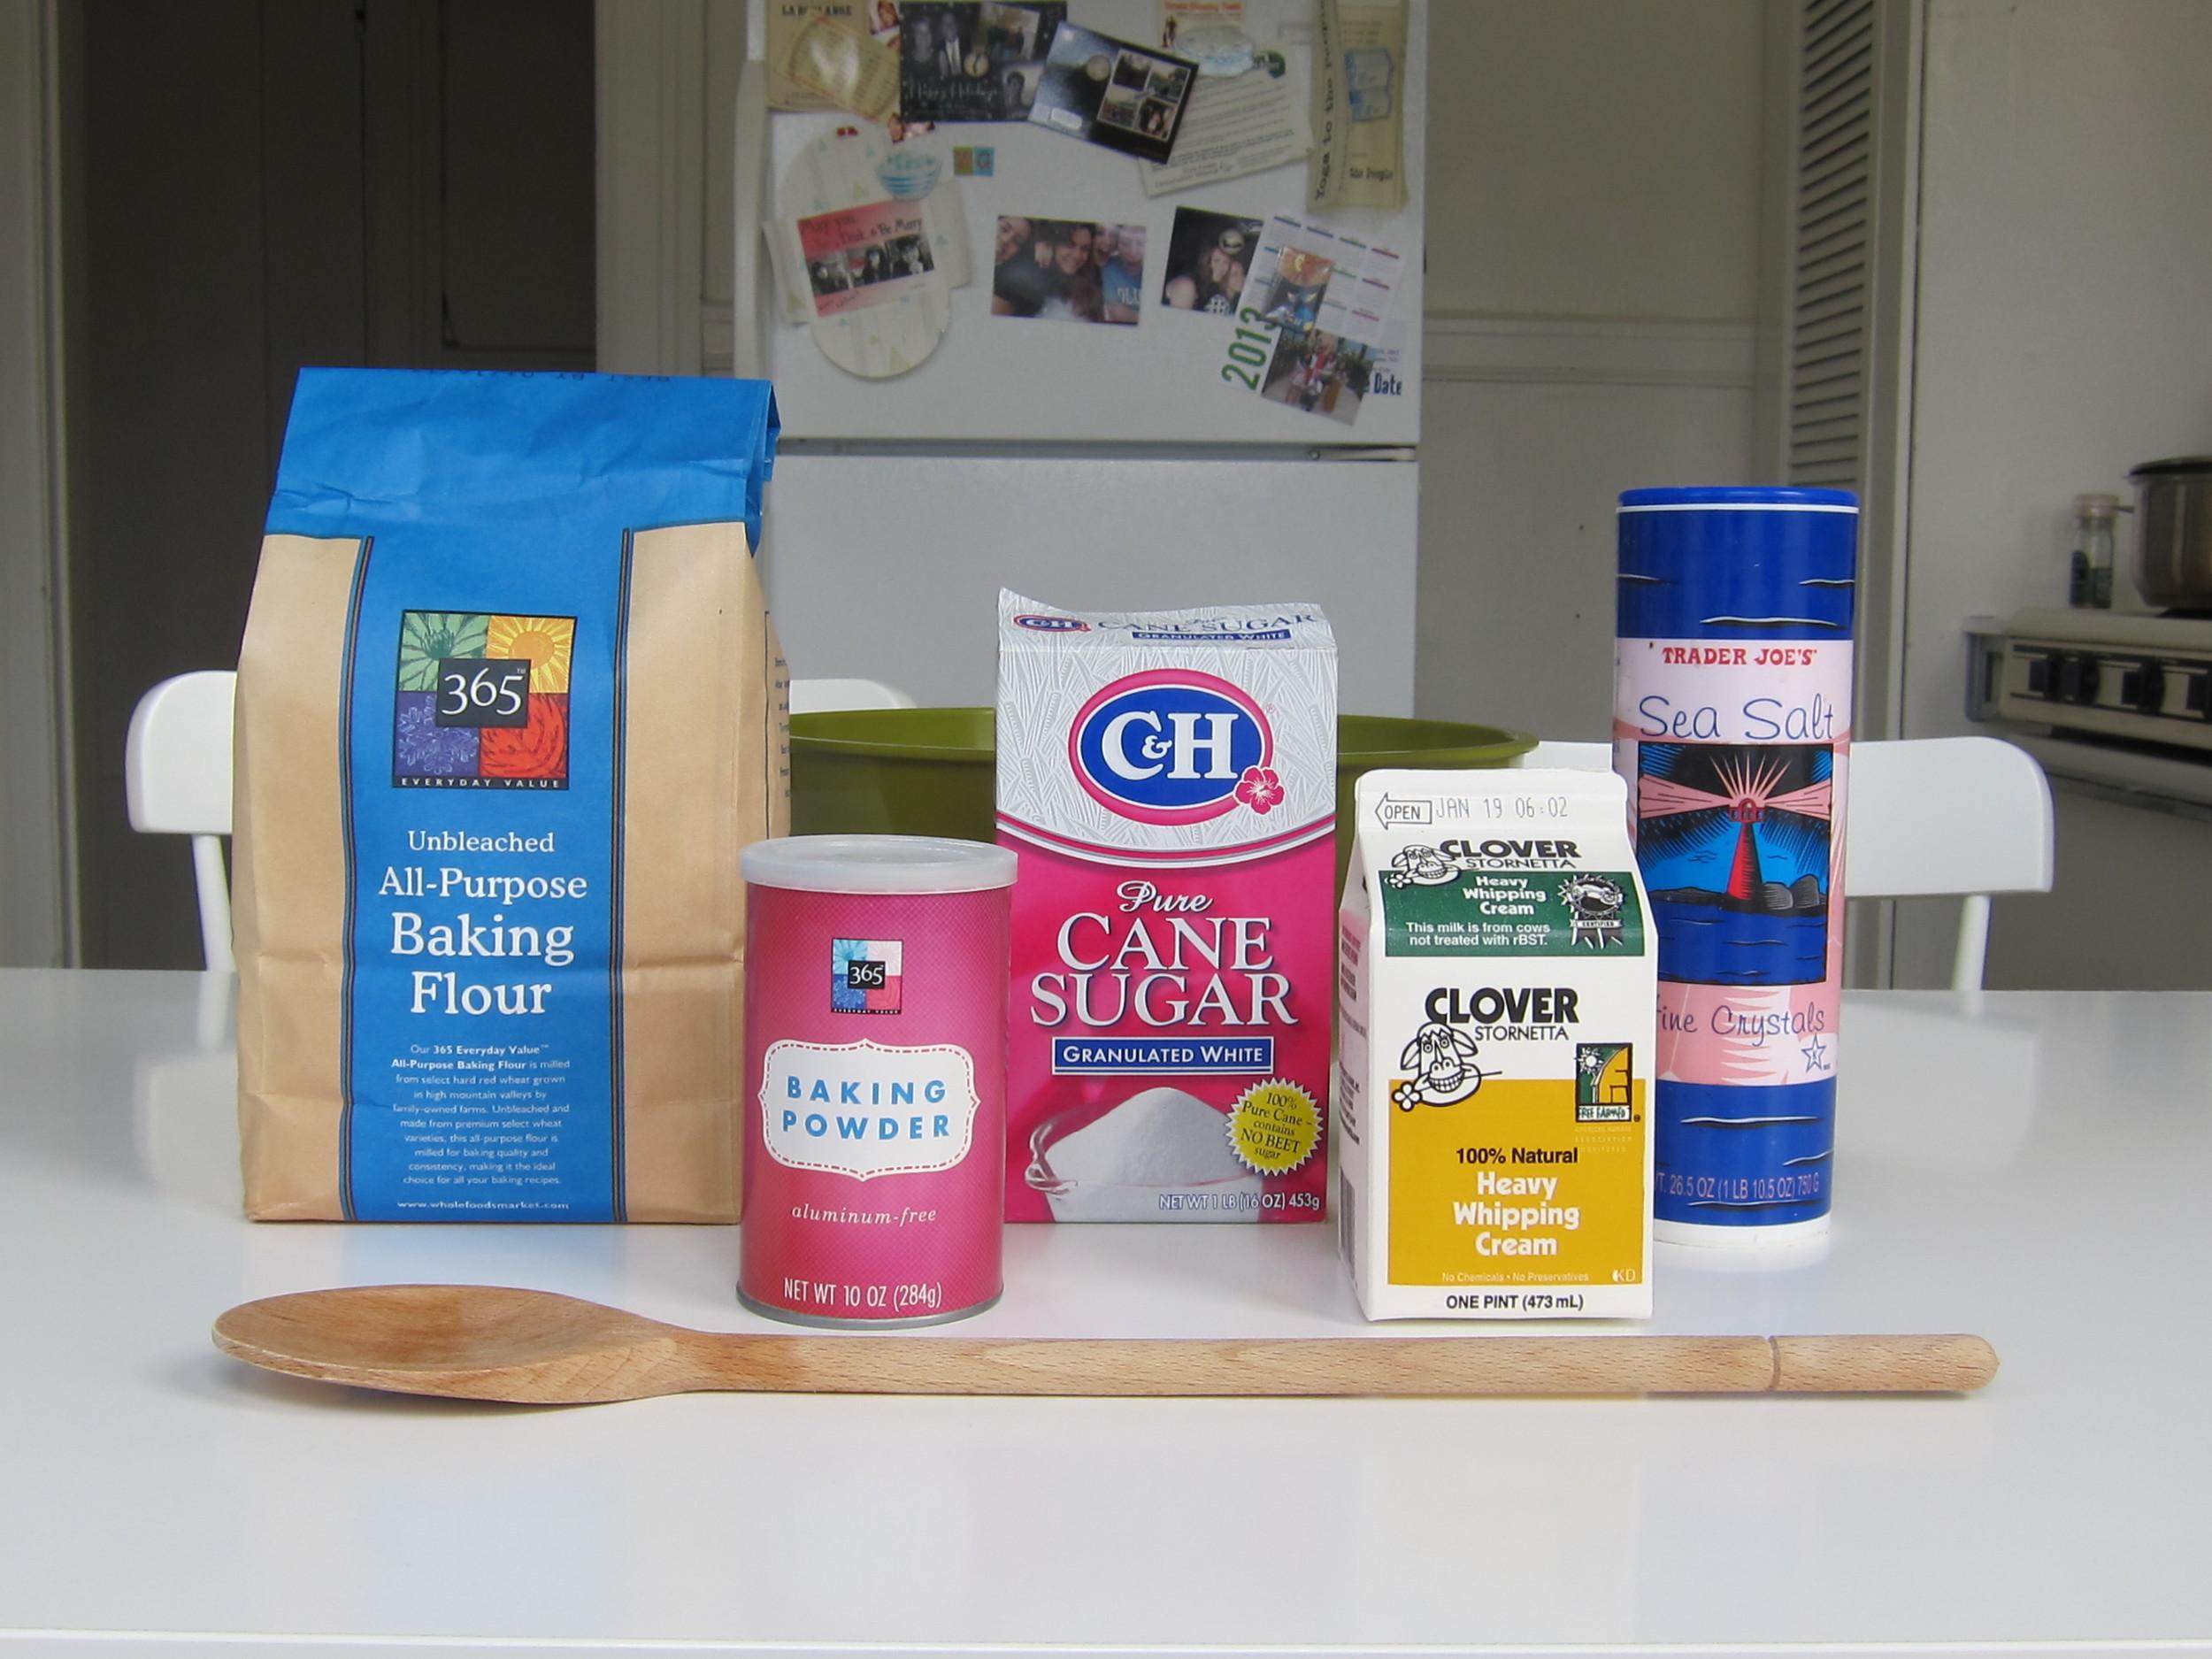 Flour, baking powder, sugar, heavy whipping cream and salt